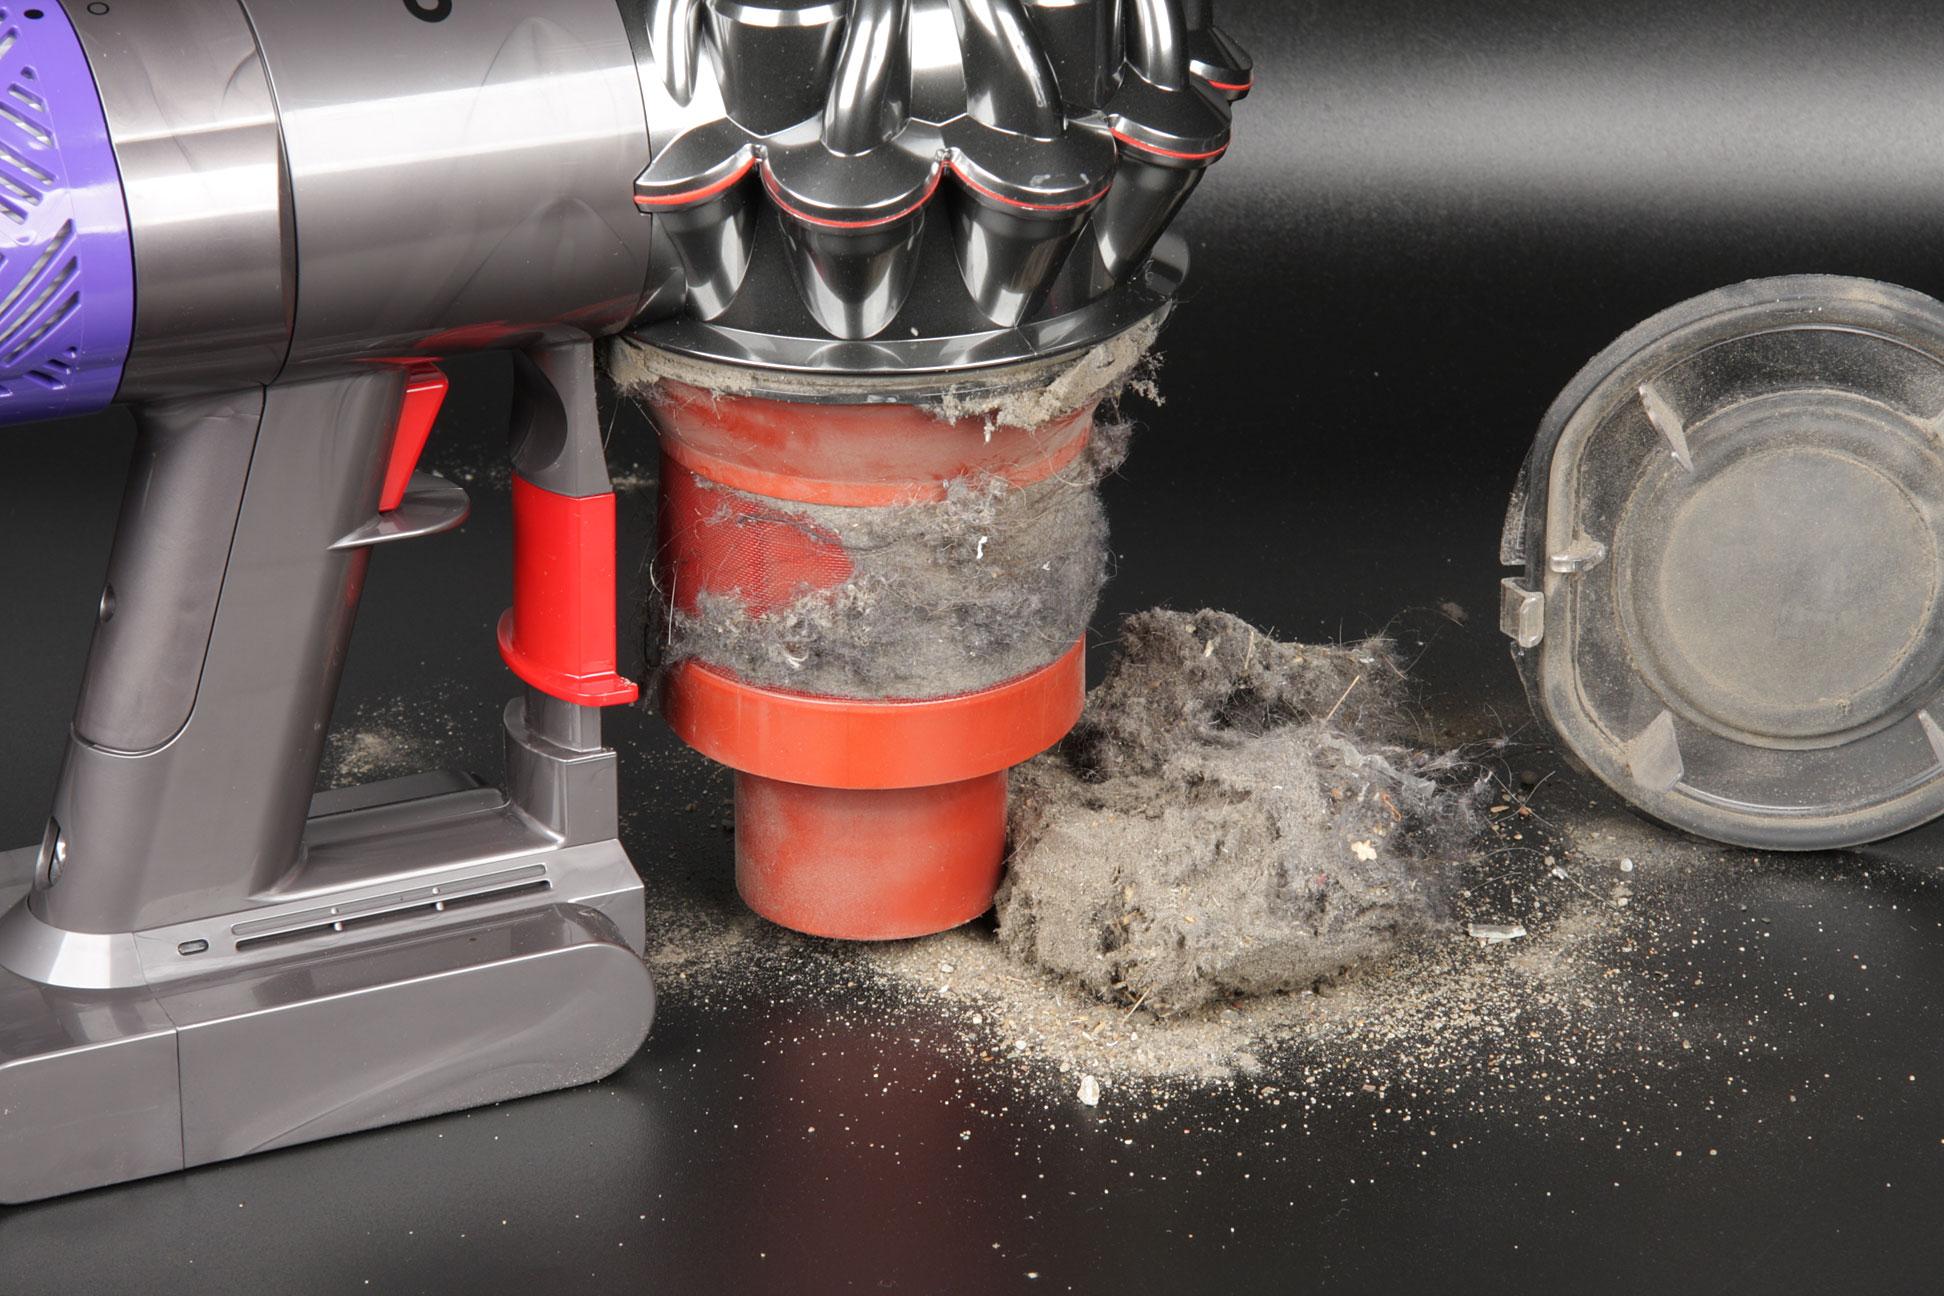 как почистить фильтр пылесоса дайсон v6